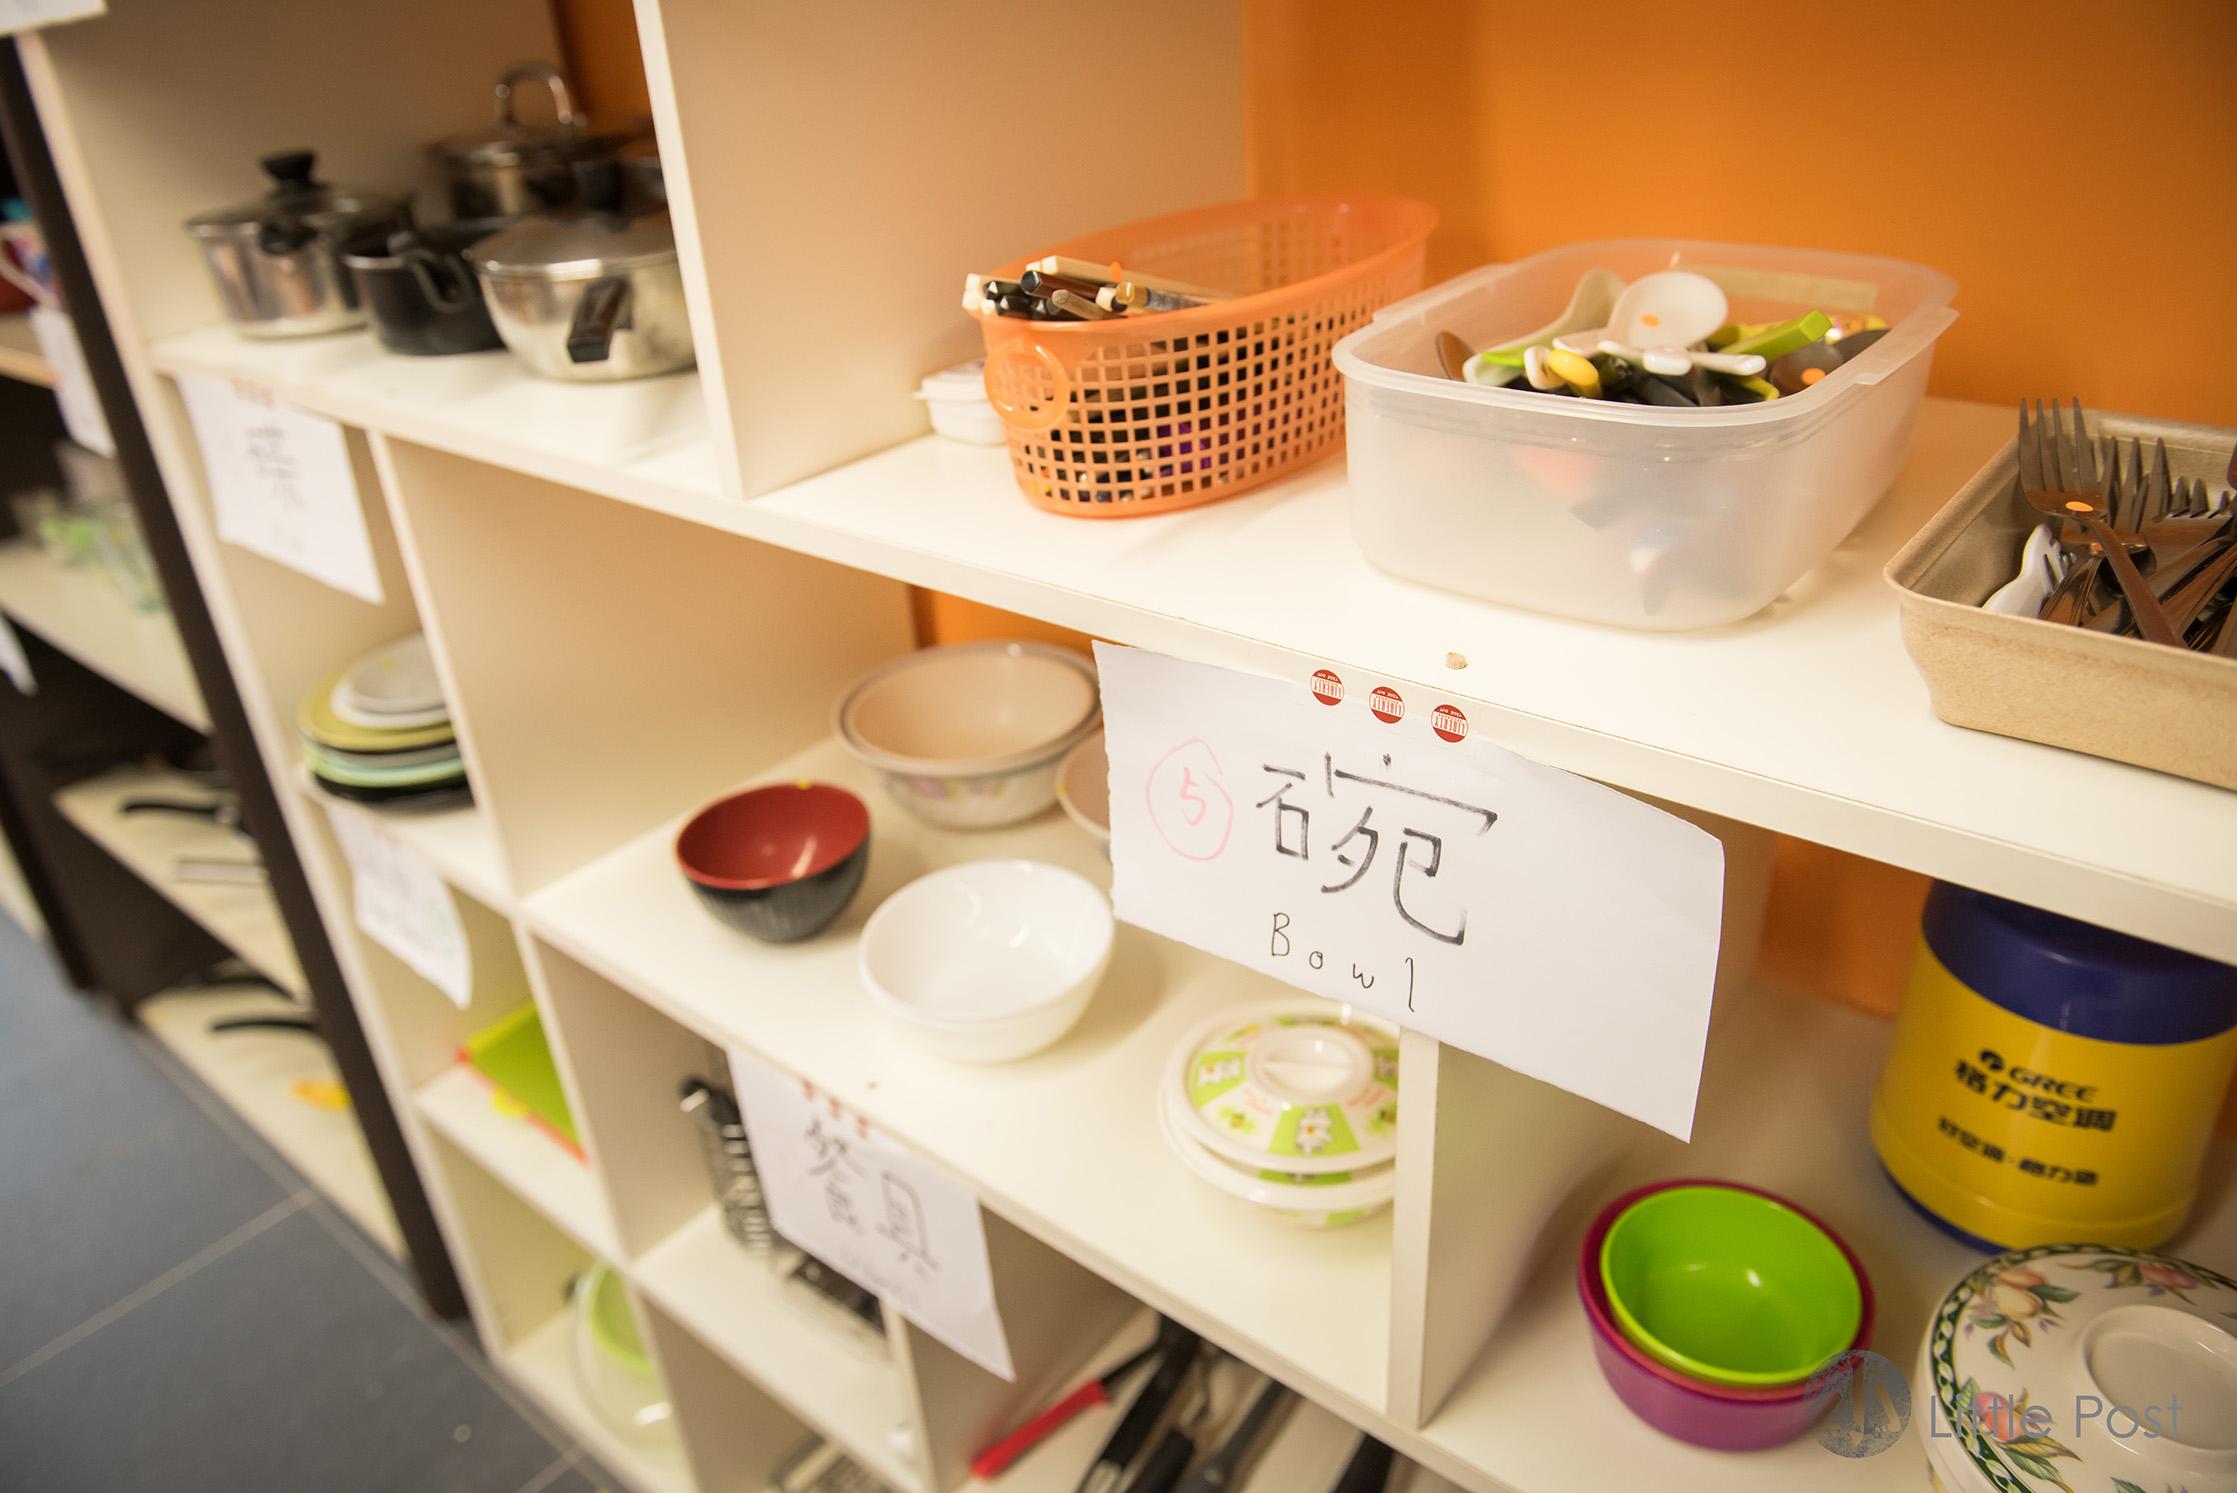 碗筷都標價3至5個時分,並不是$3至$5元呢!